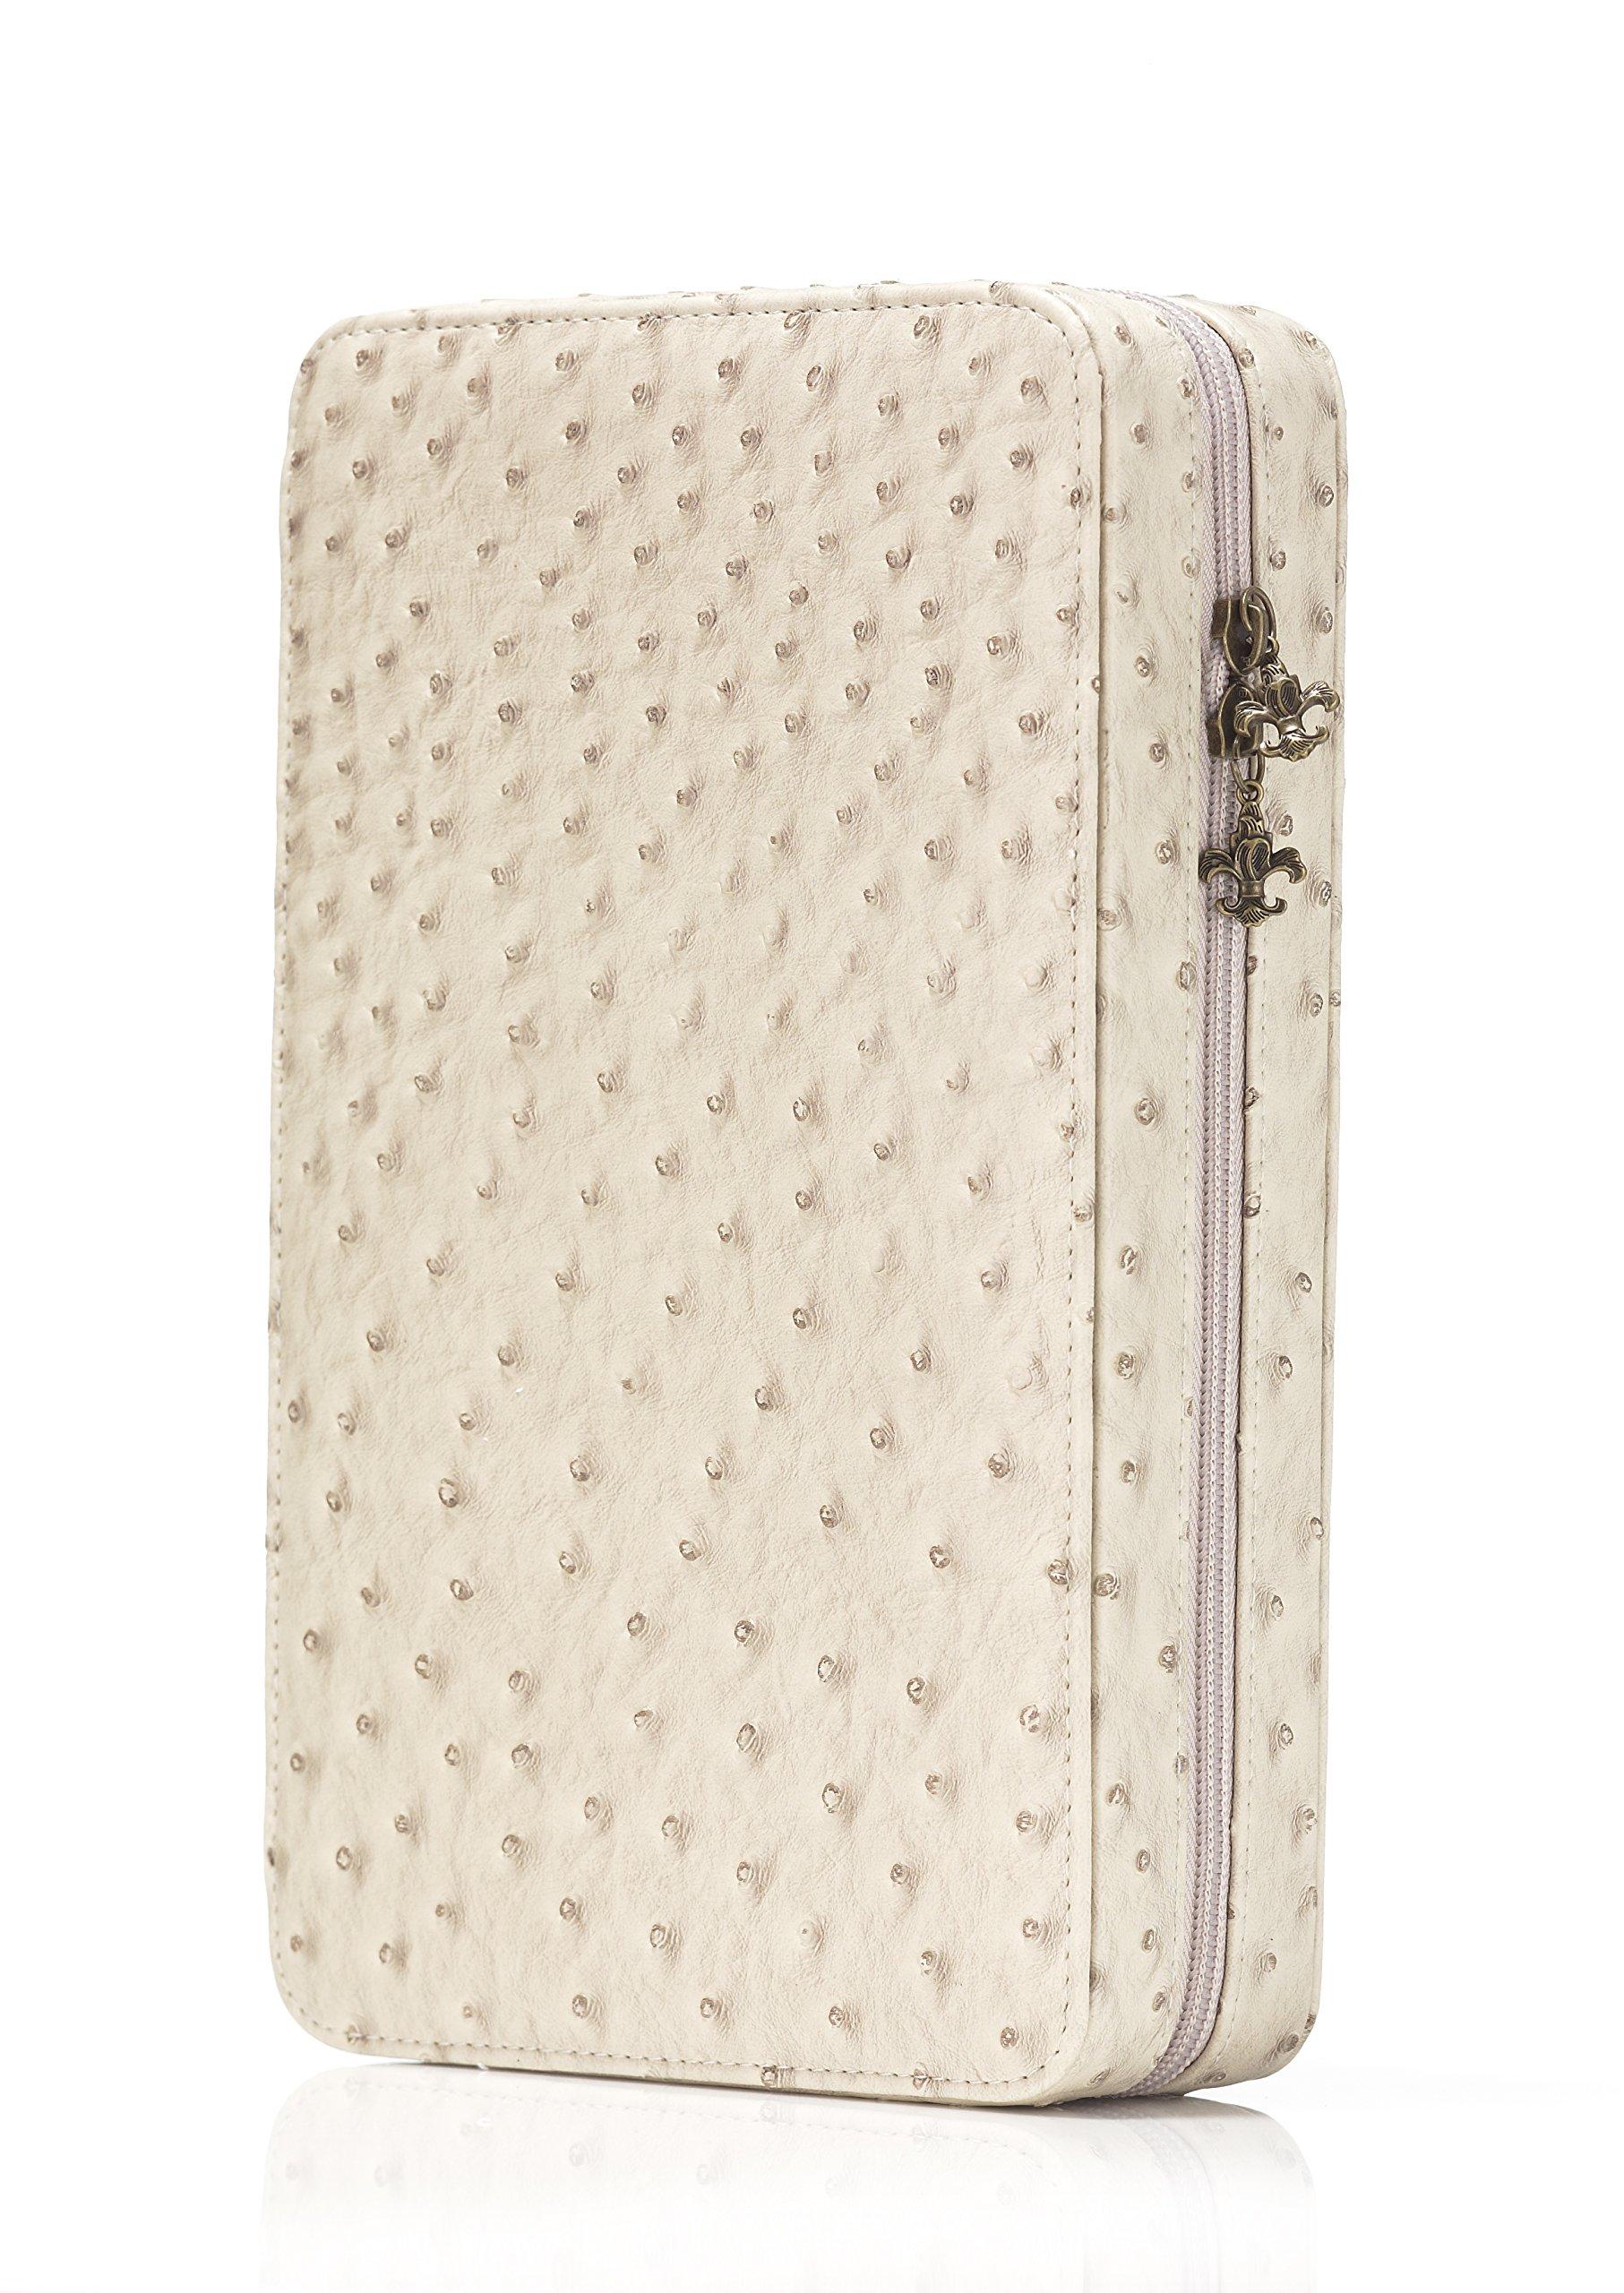 Travel Case - Cream